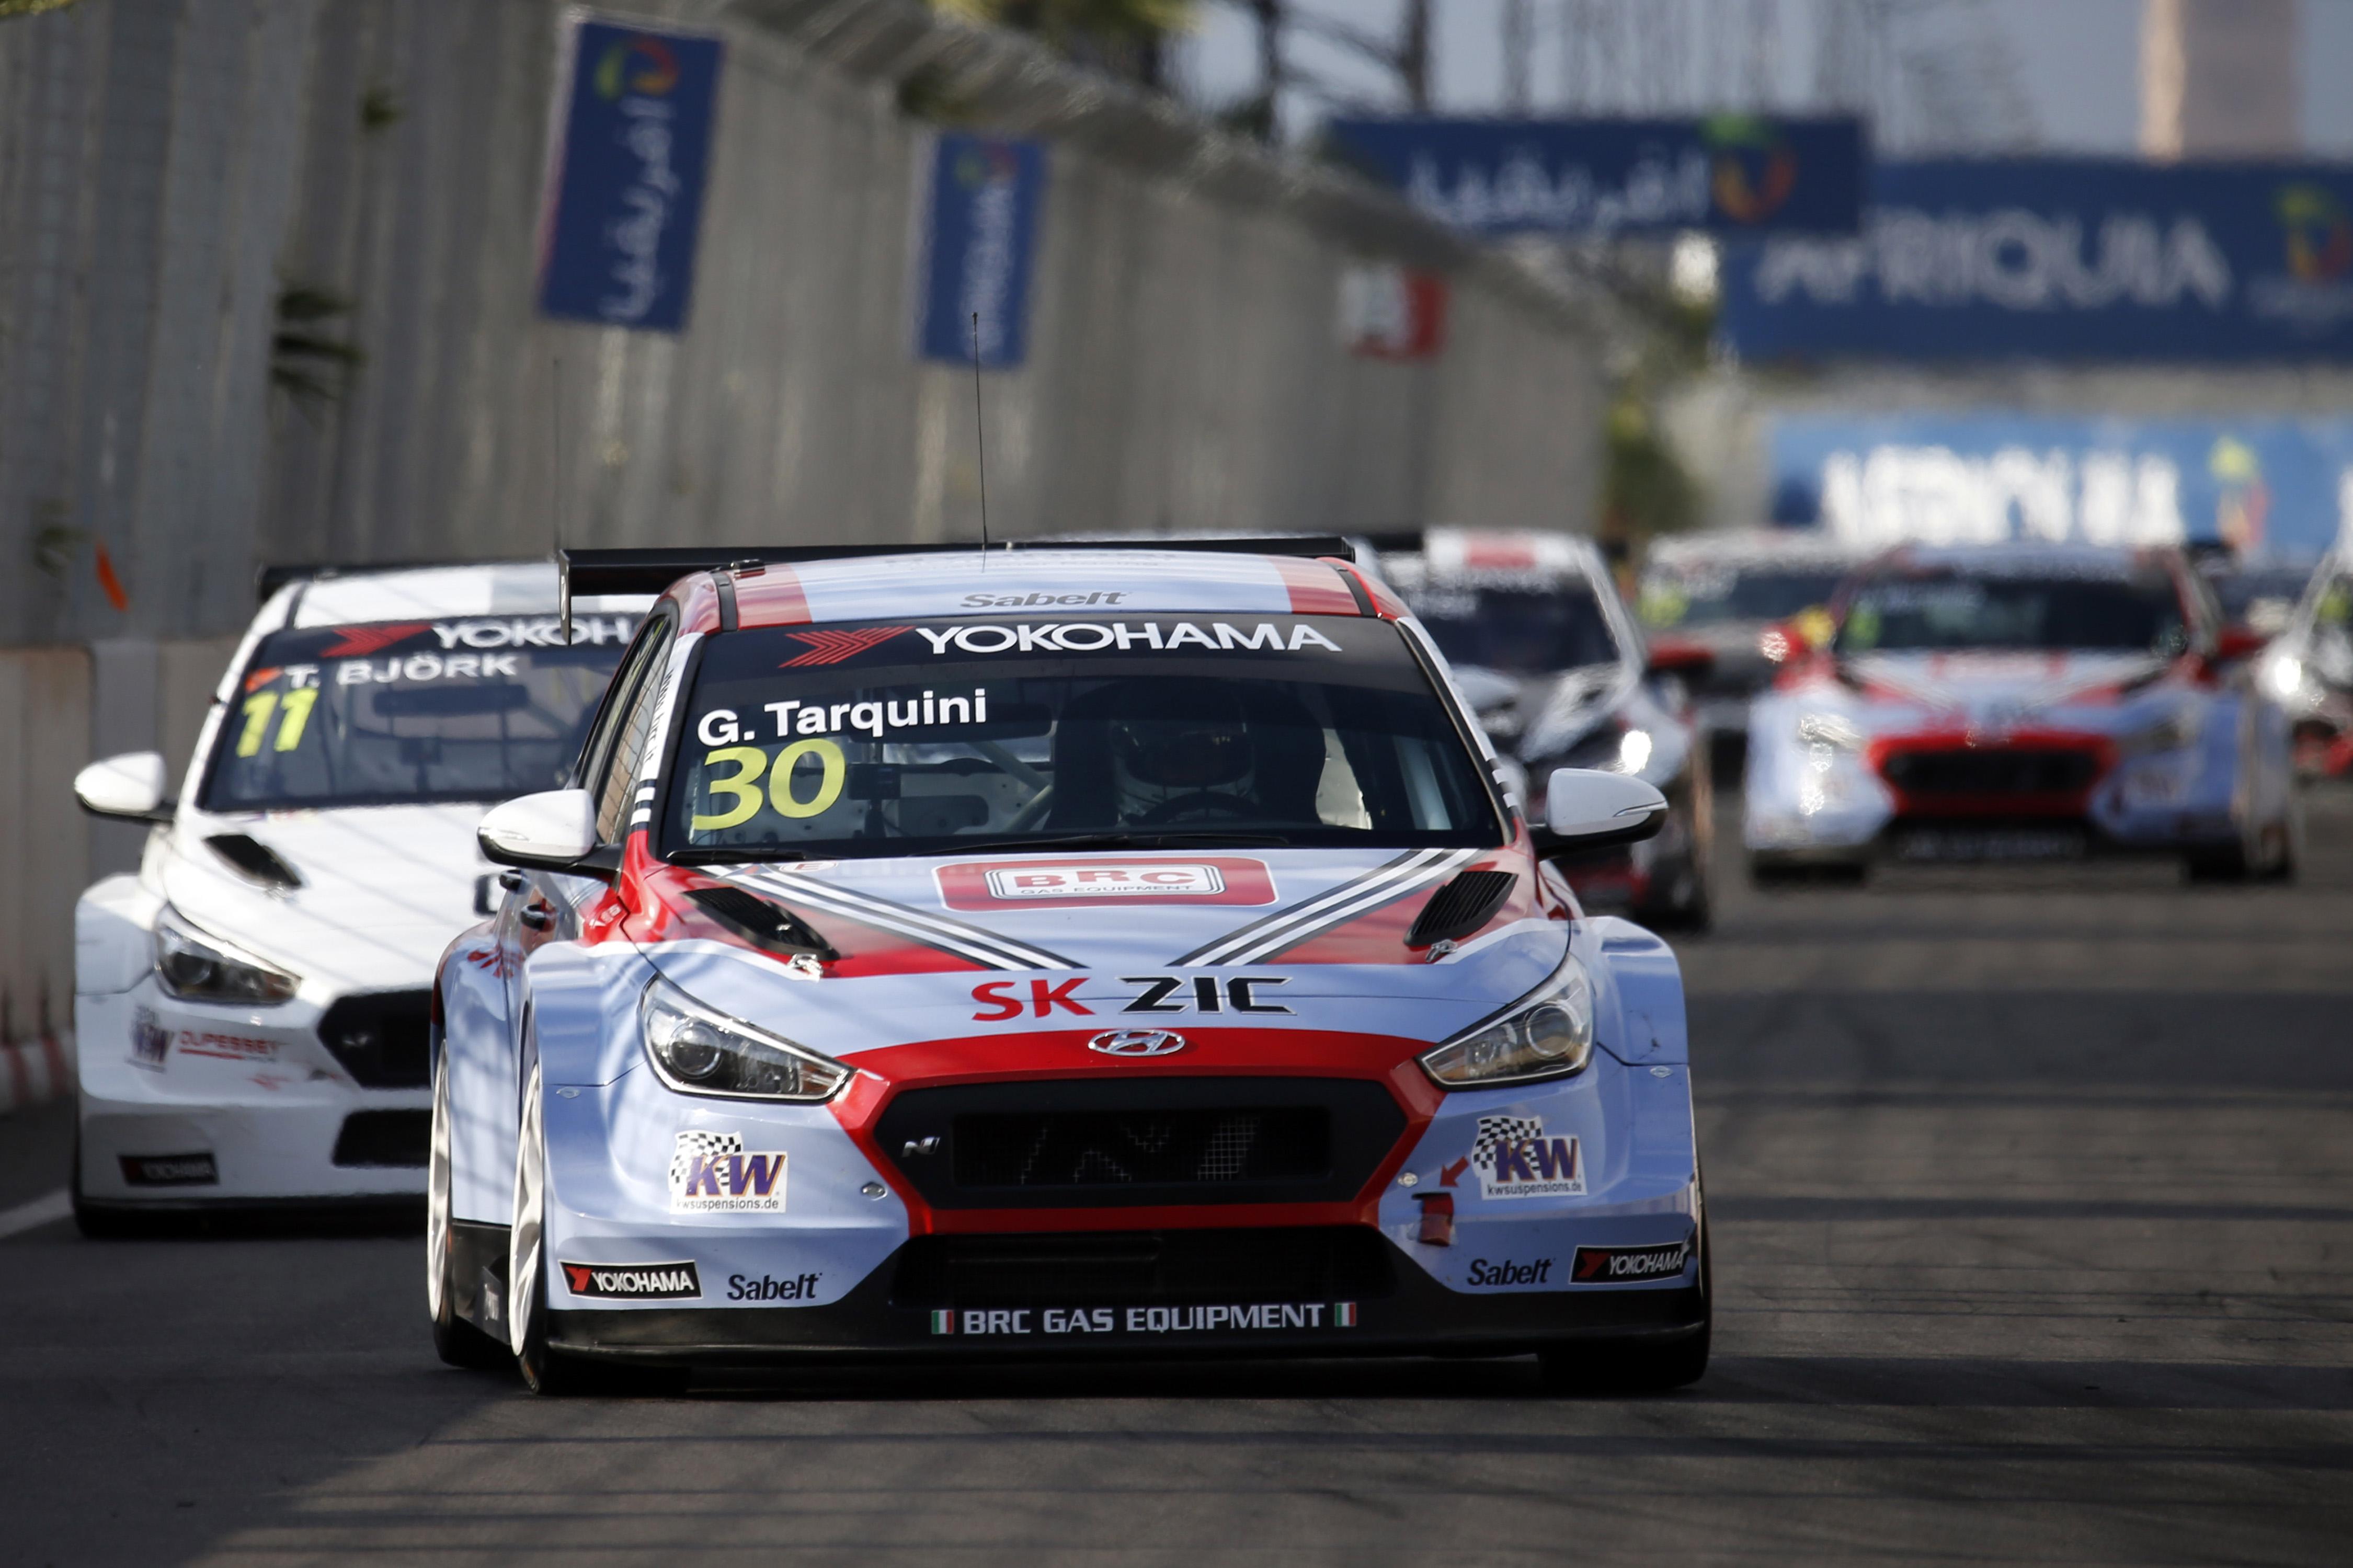 WTCR race recap: #1 Morocco